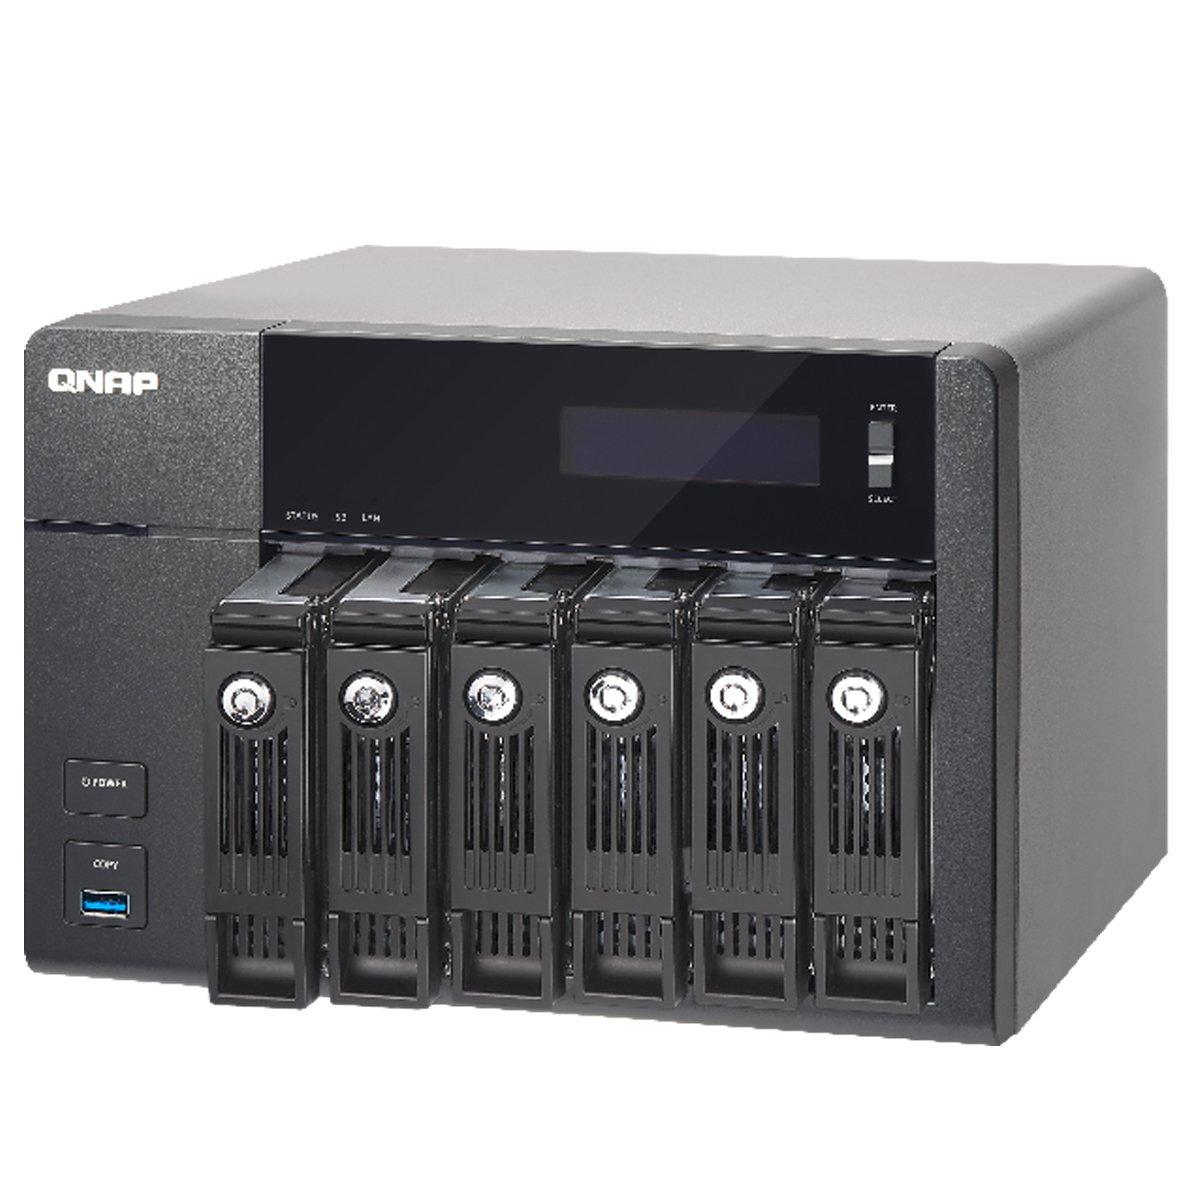 QNAP TVS-671 NAS Torre Ethernet Negro - Unidad Raid (Unidad de Disco Duro, SSD, Serial ATA II, Serial ATA III, 2.5/3.5